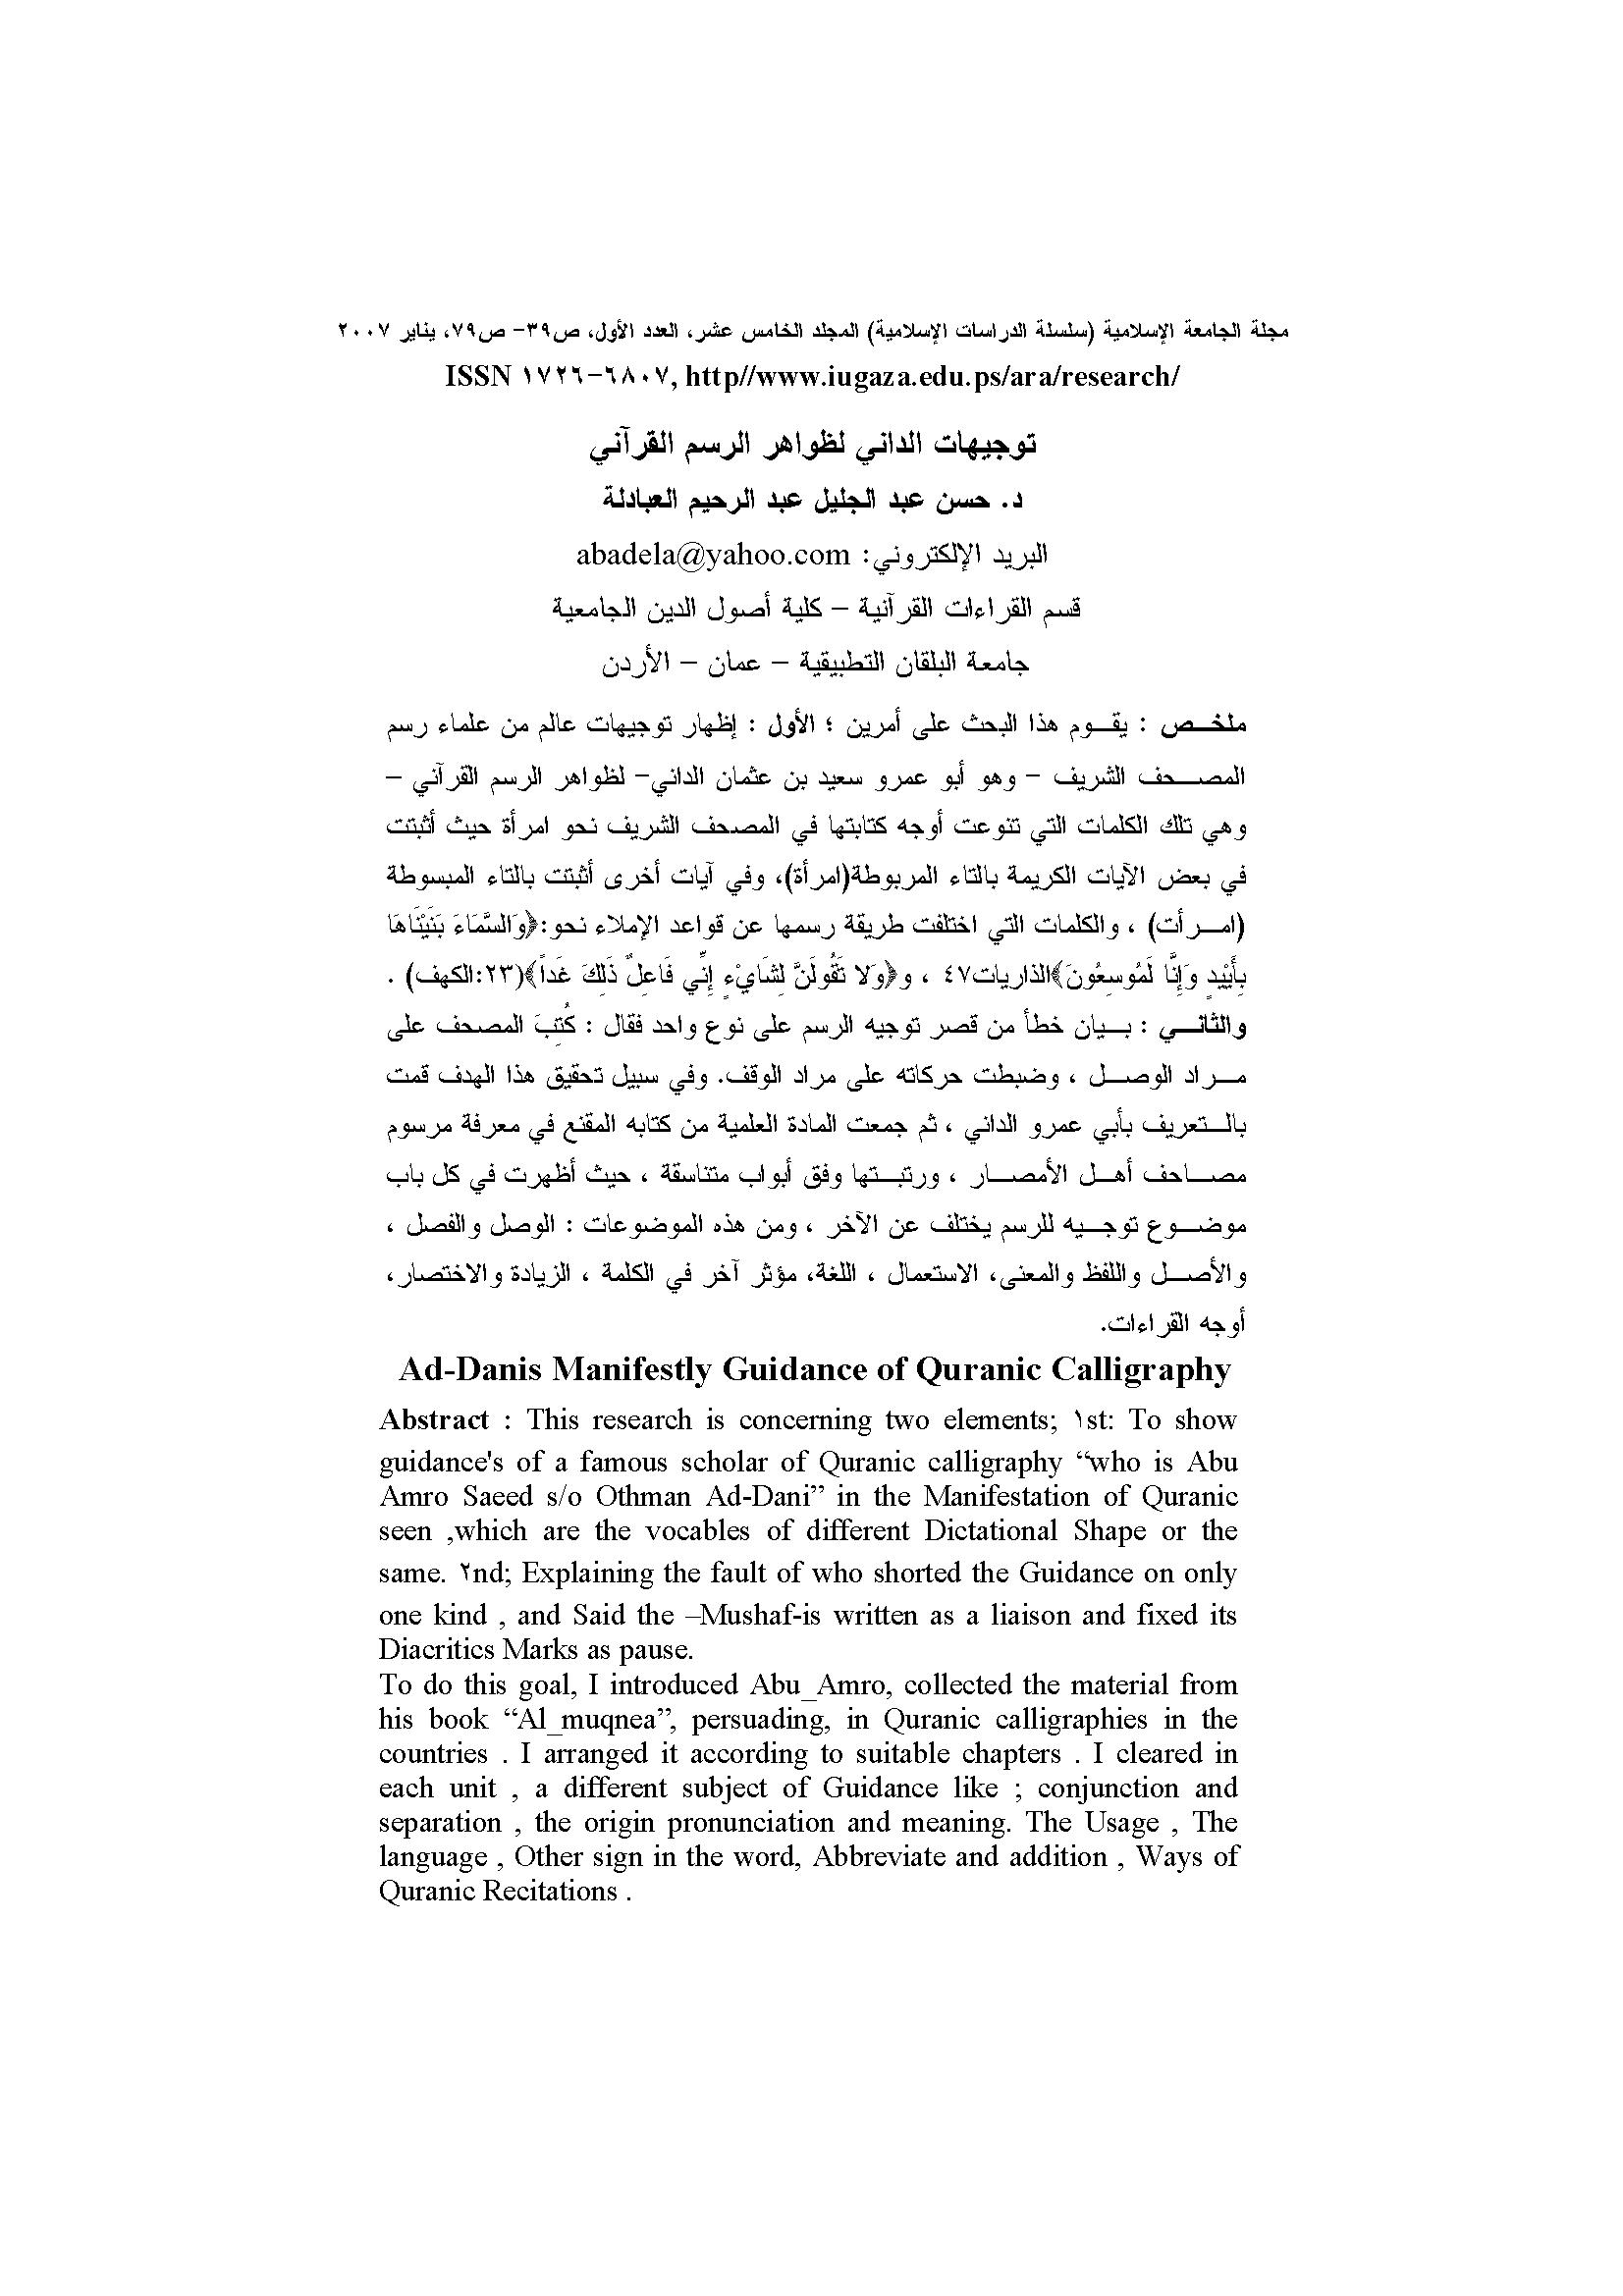 تحميل كتاب توجيهات الداني لظواهر الرسم القرآني لـِ: الدكتور حسن عبد الجليل عبد الرحيم علي العبادلة